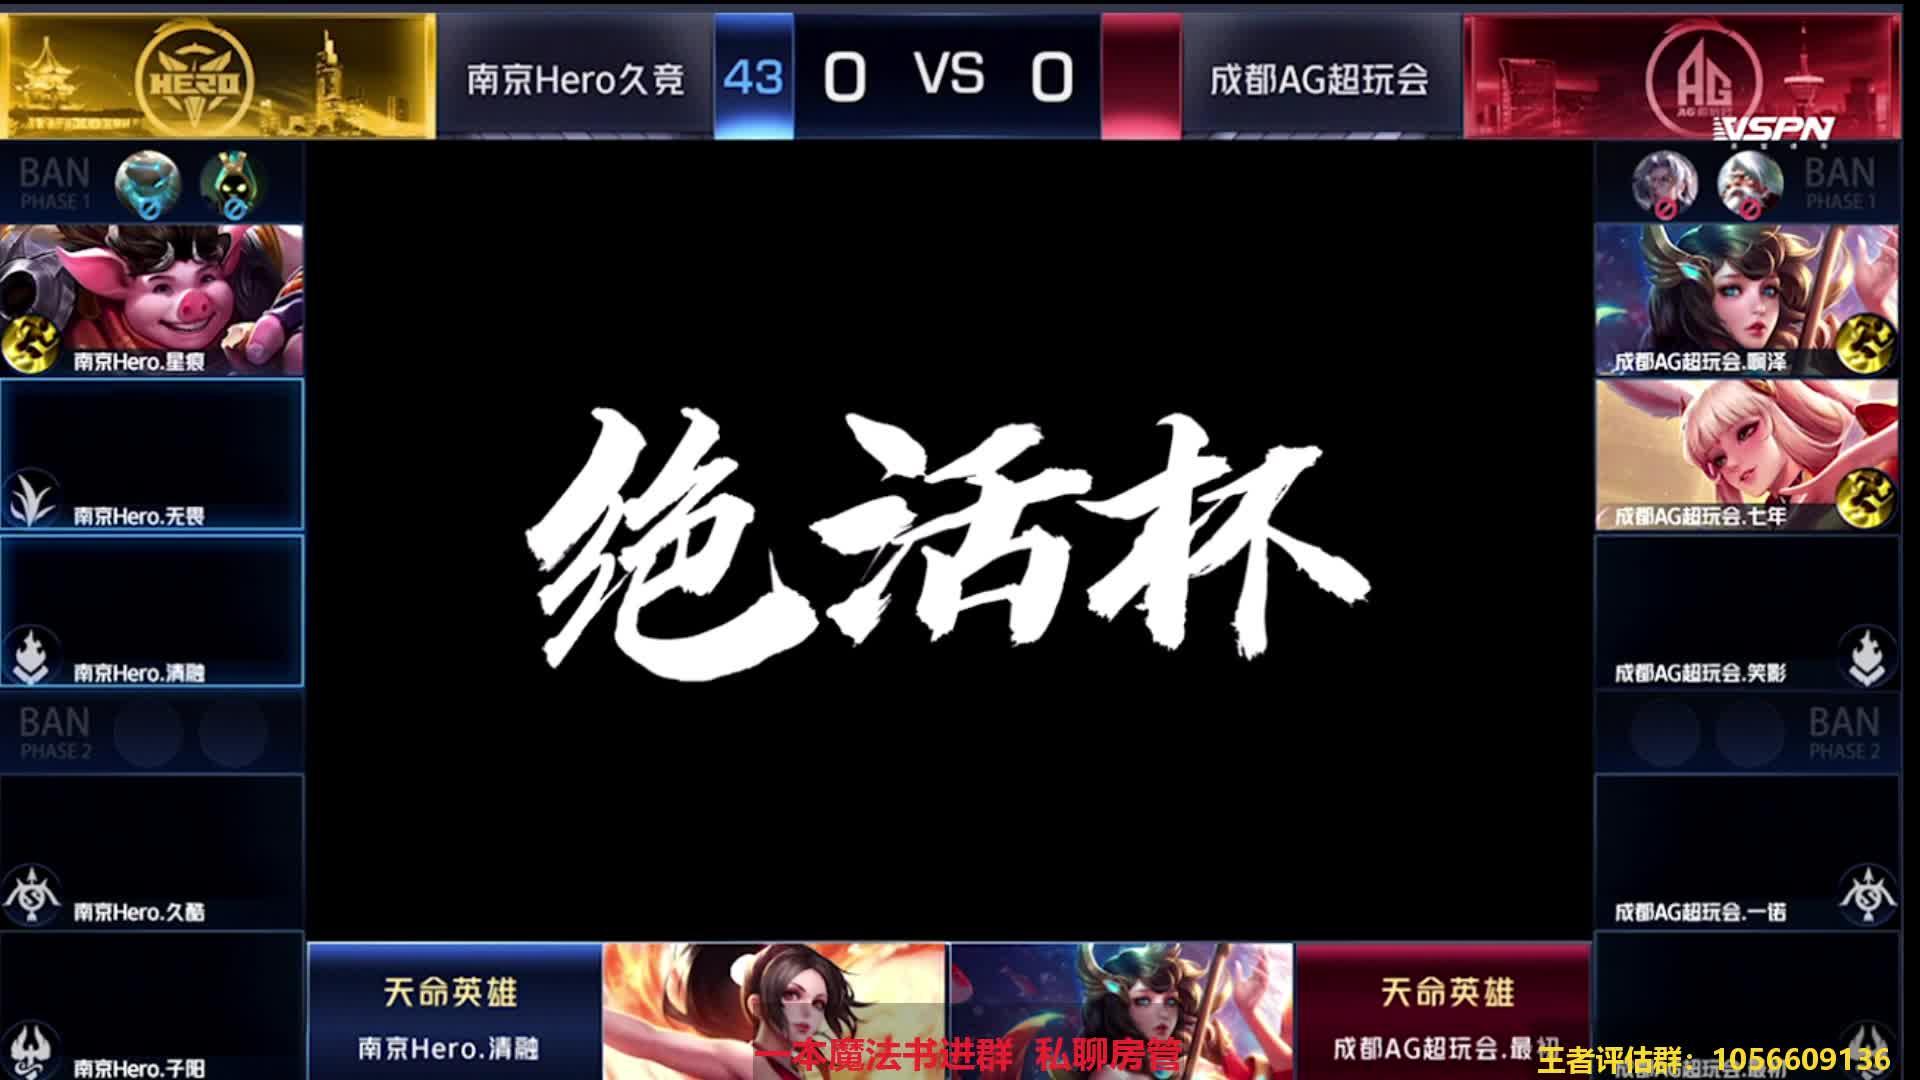 Hero vs AG超玩会-1 王者荣耀绝活杯